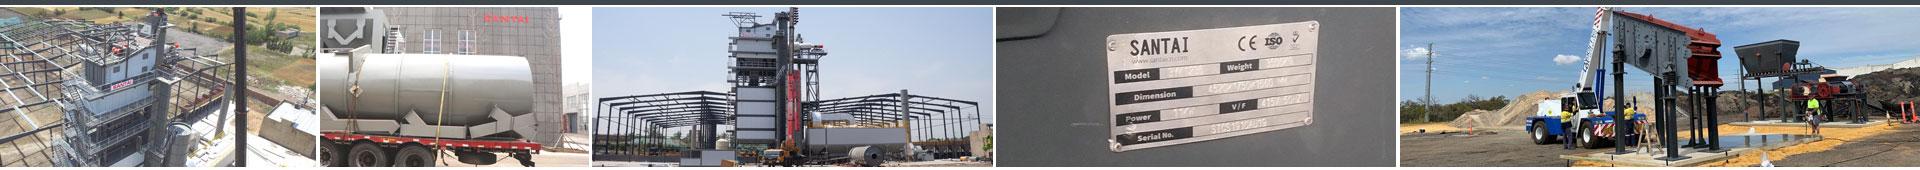 hot mix asphalt plant manufacturer supplier china